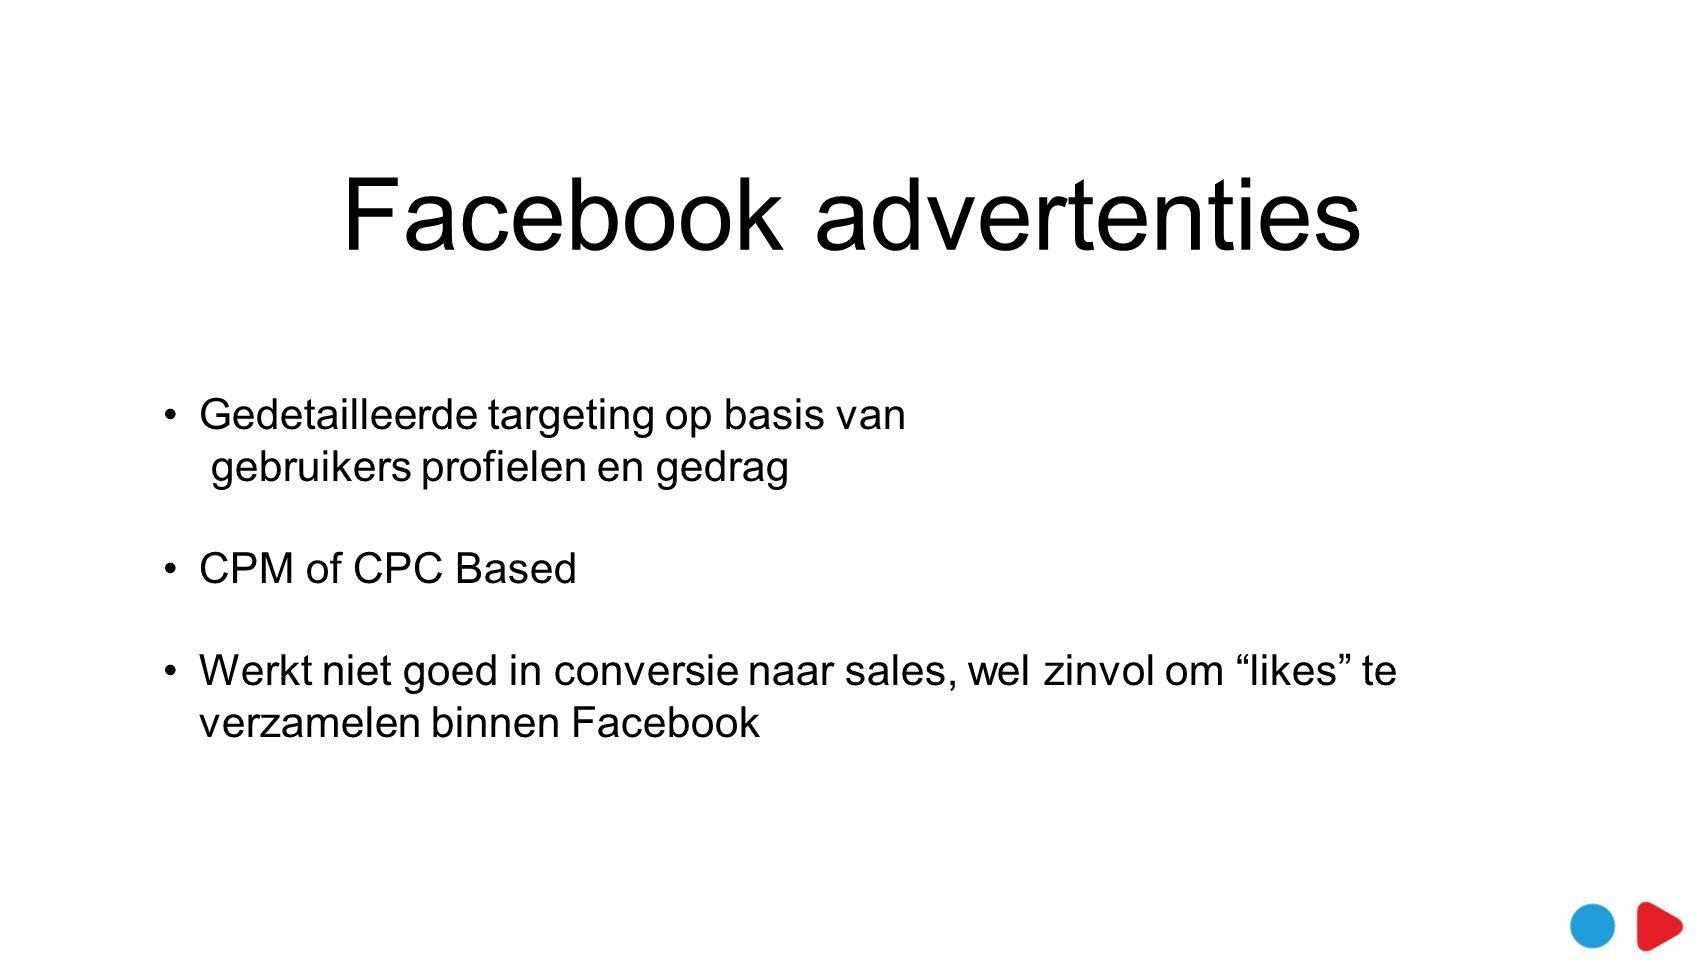 Facebook advertenties •Gedetailleerde targeting op basis van gebruikers profielen en gedrag •CPM of CPC Based •Werkt niet goed in conversie naar sales